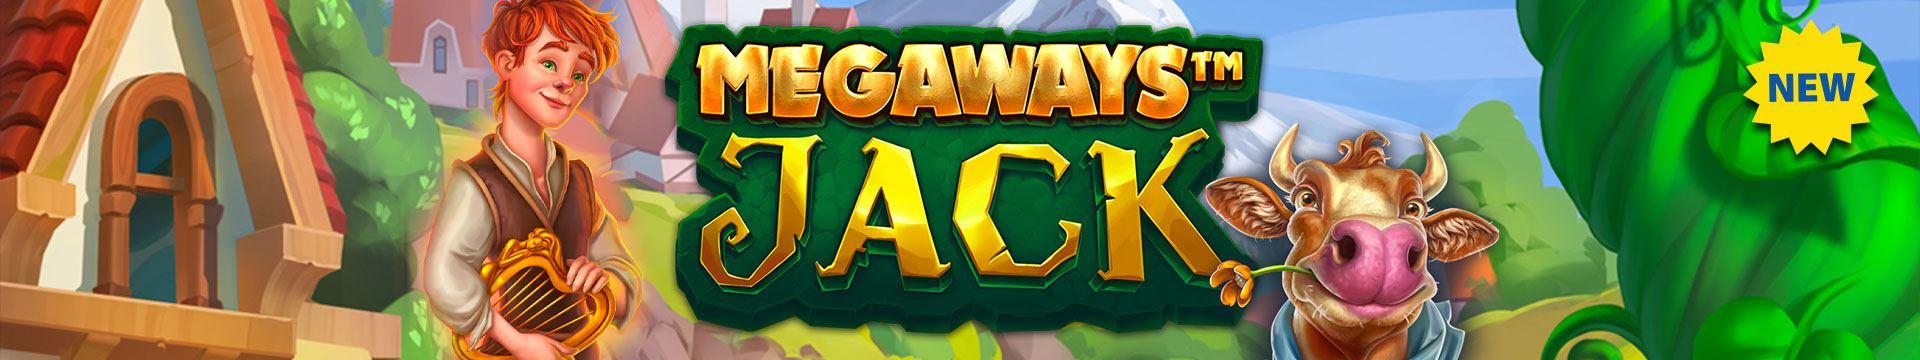 Megaways_Jack